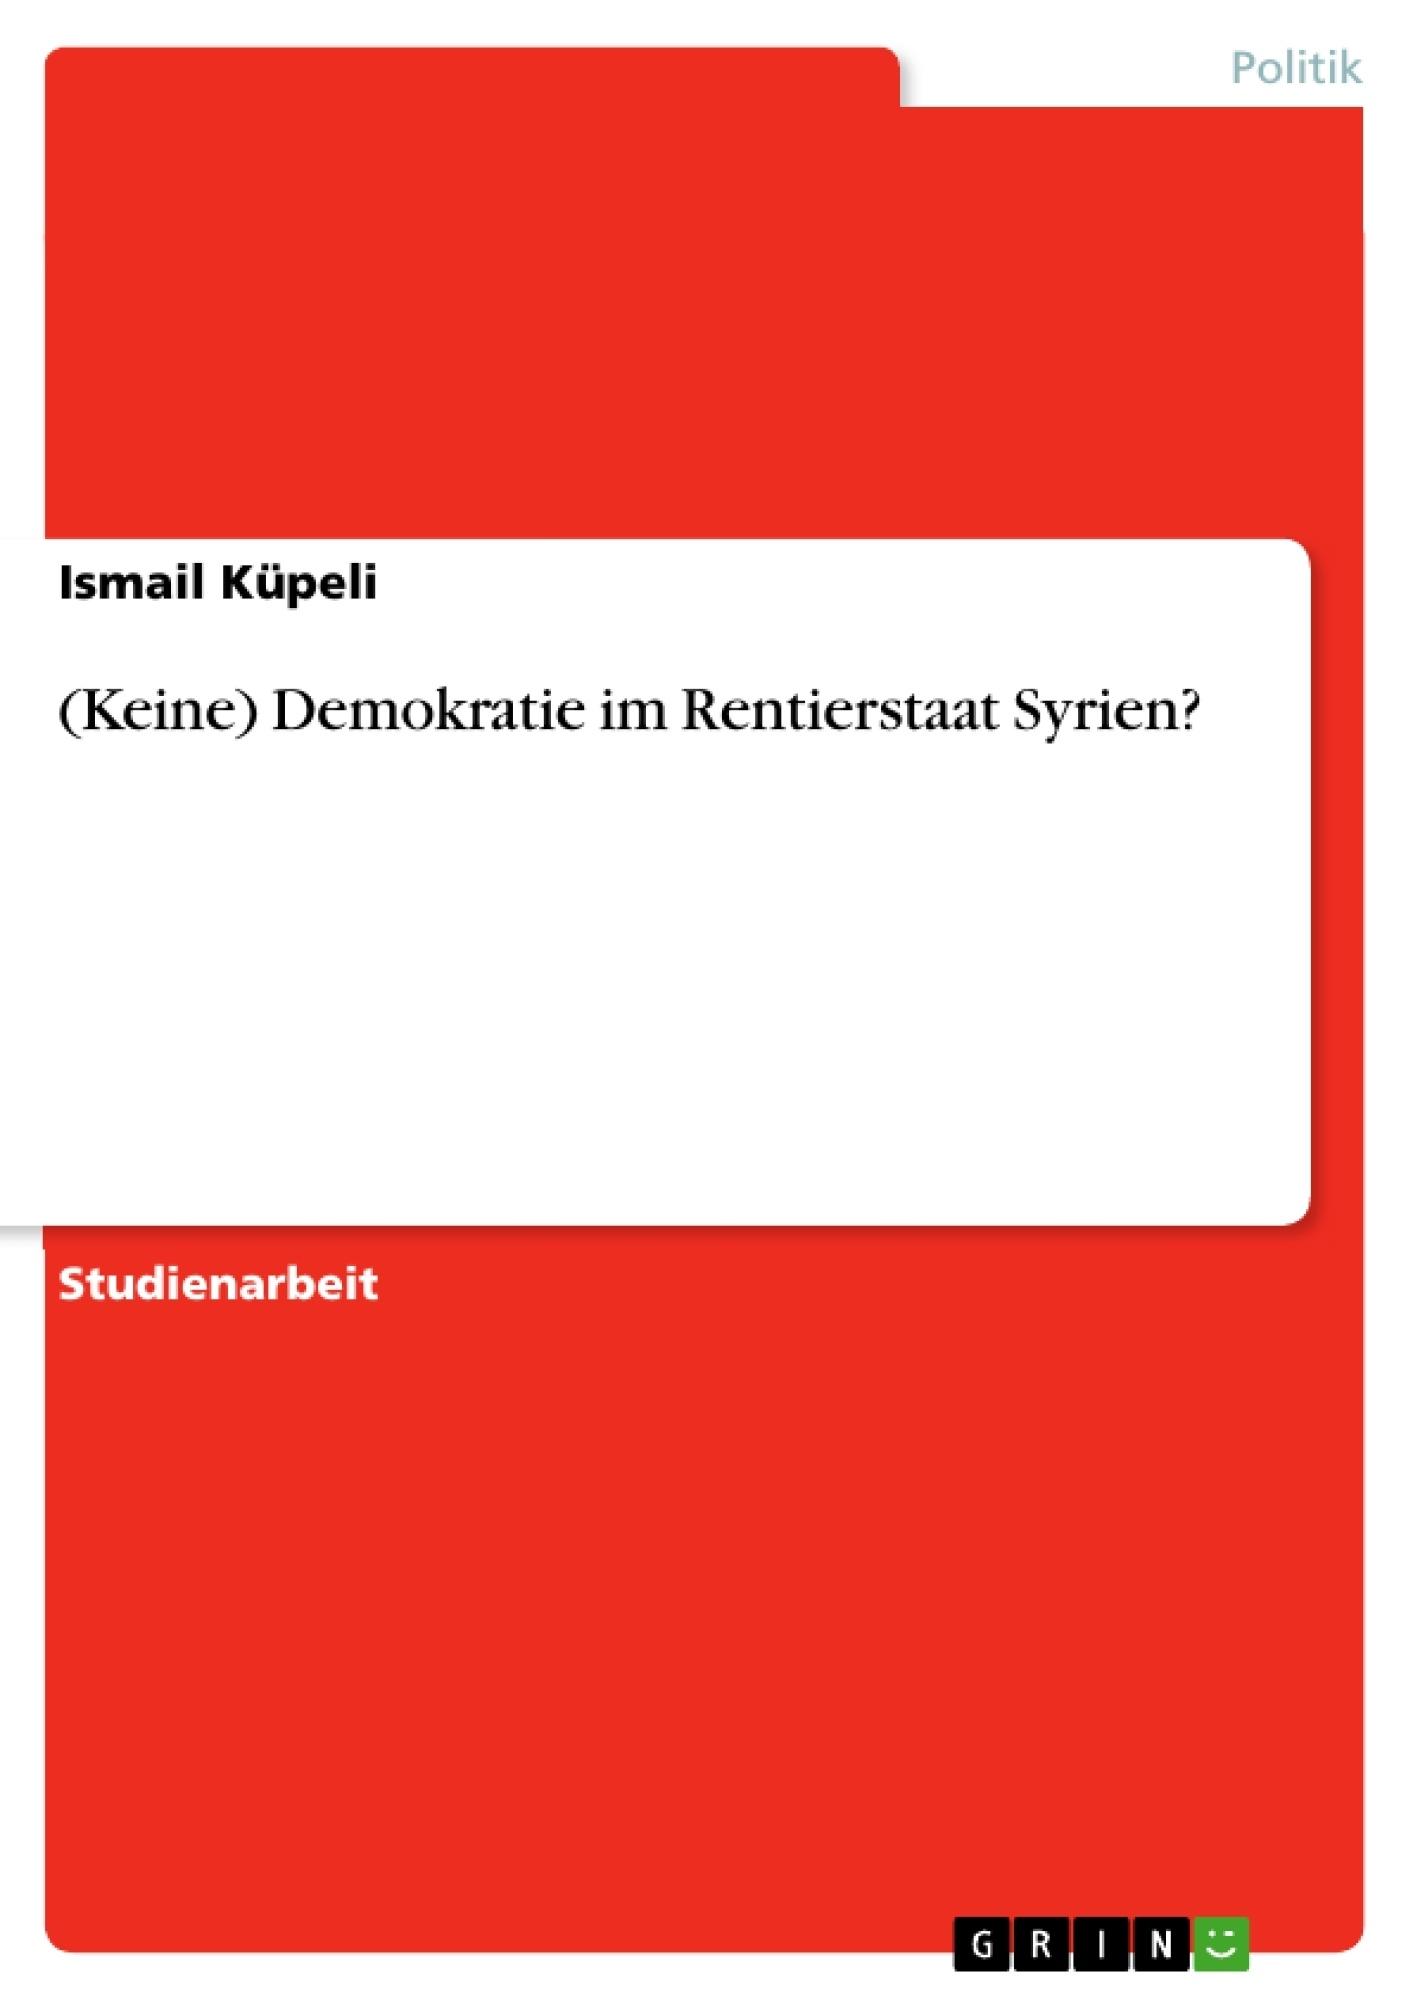 Titel: (Keine) Demokratie im Rentierstaat Syrien?